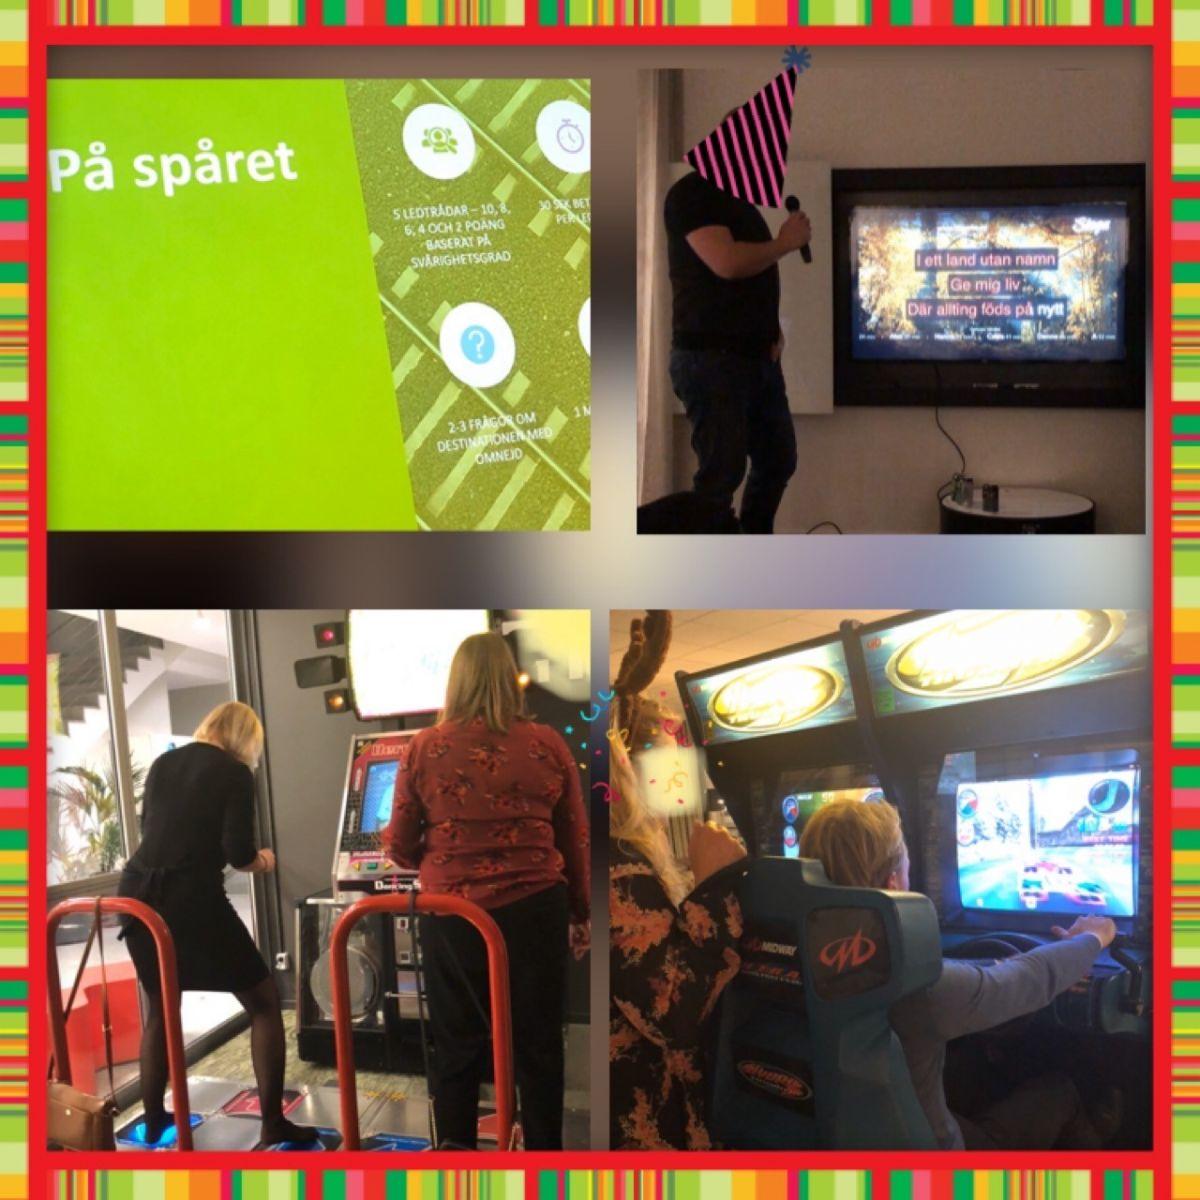 Kollage från julfest, arkadspel, karaoke och bildskärm med frågesport